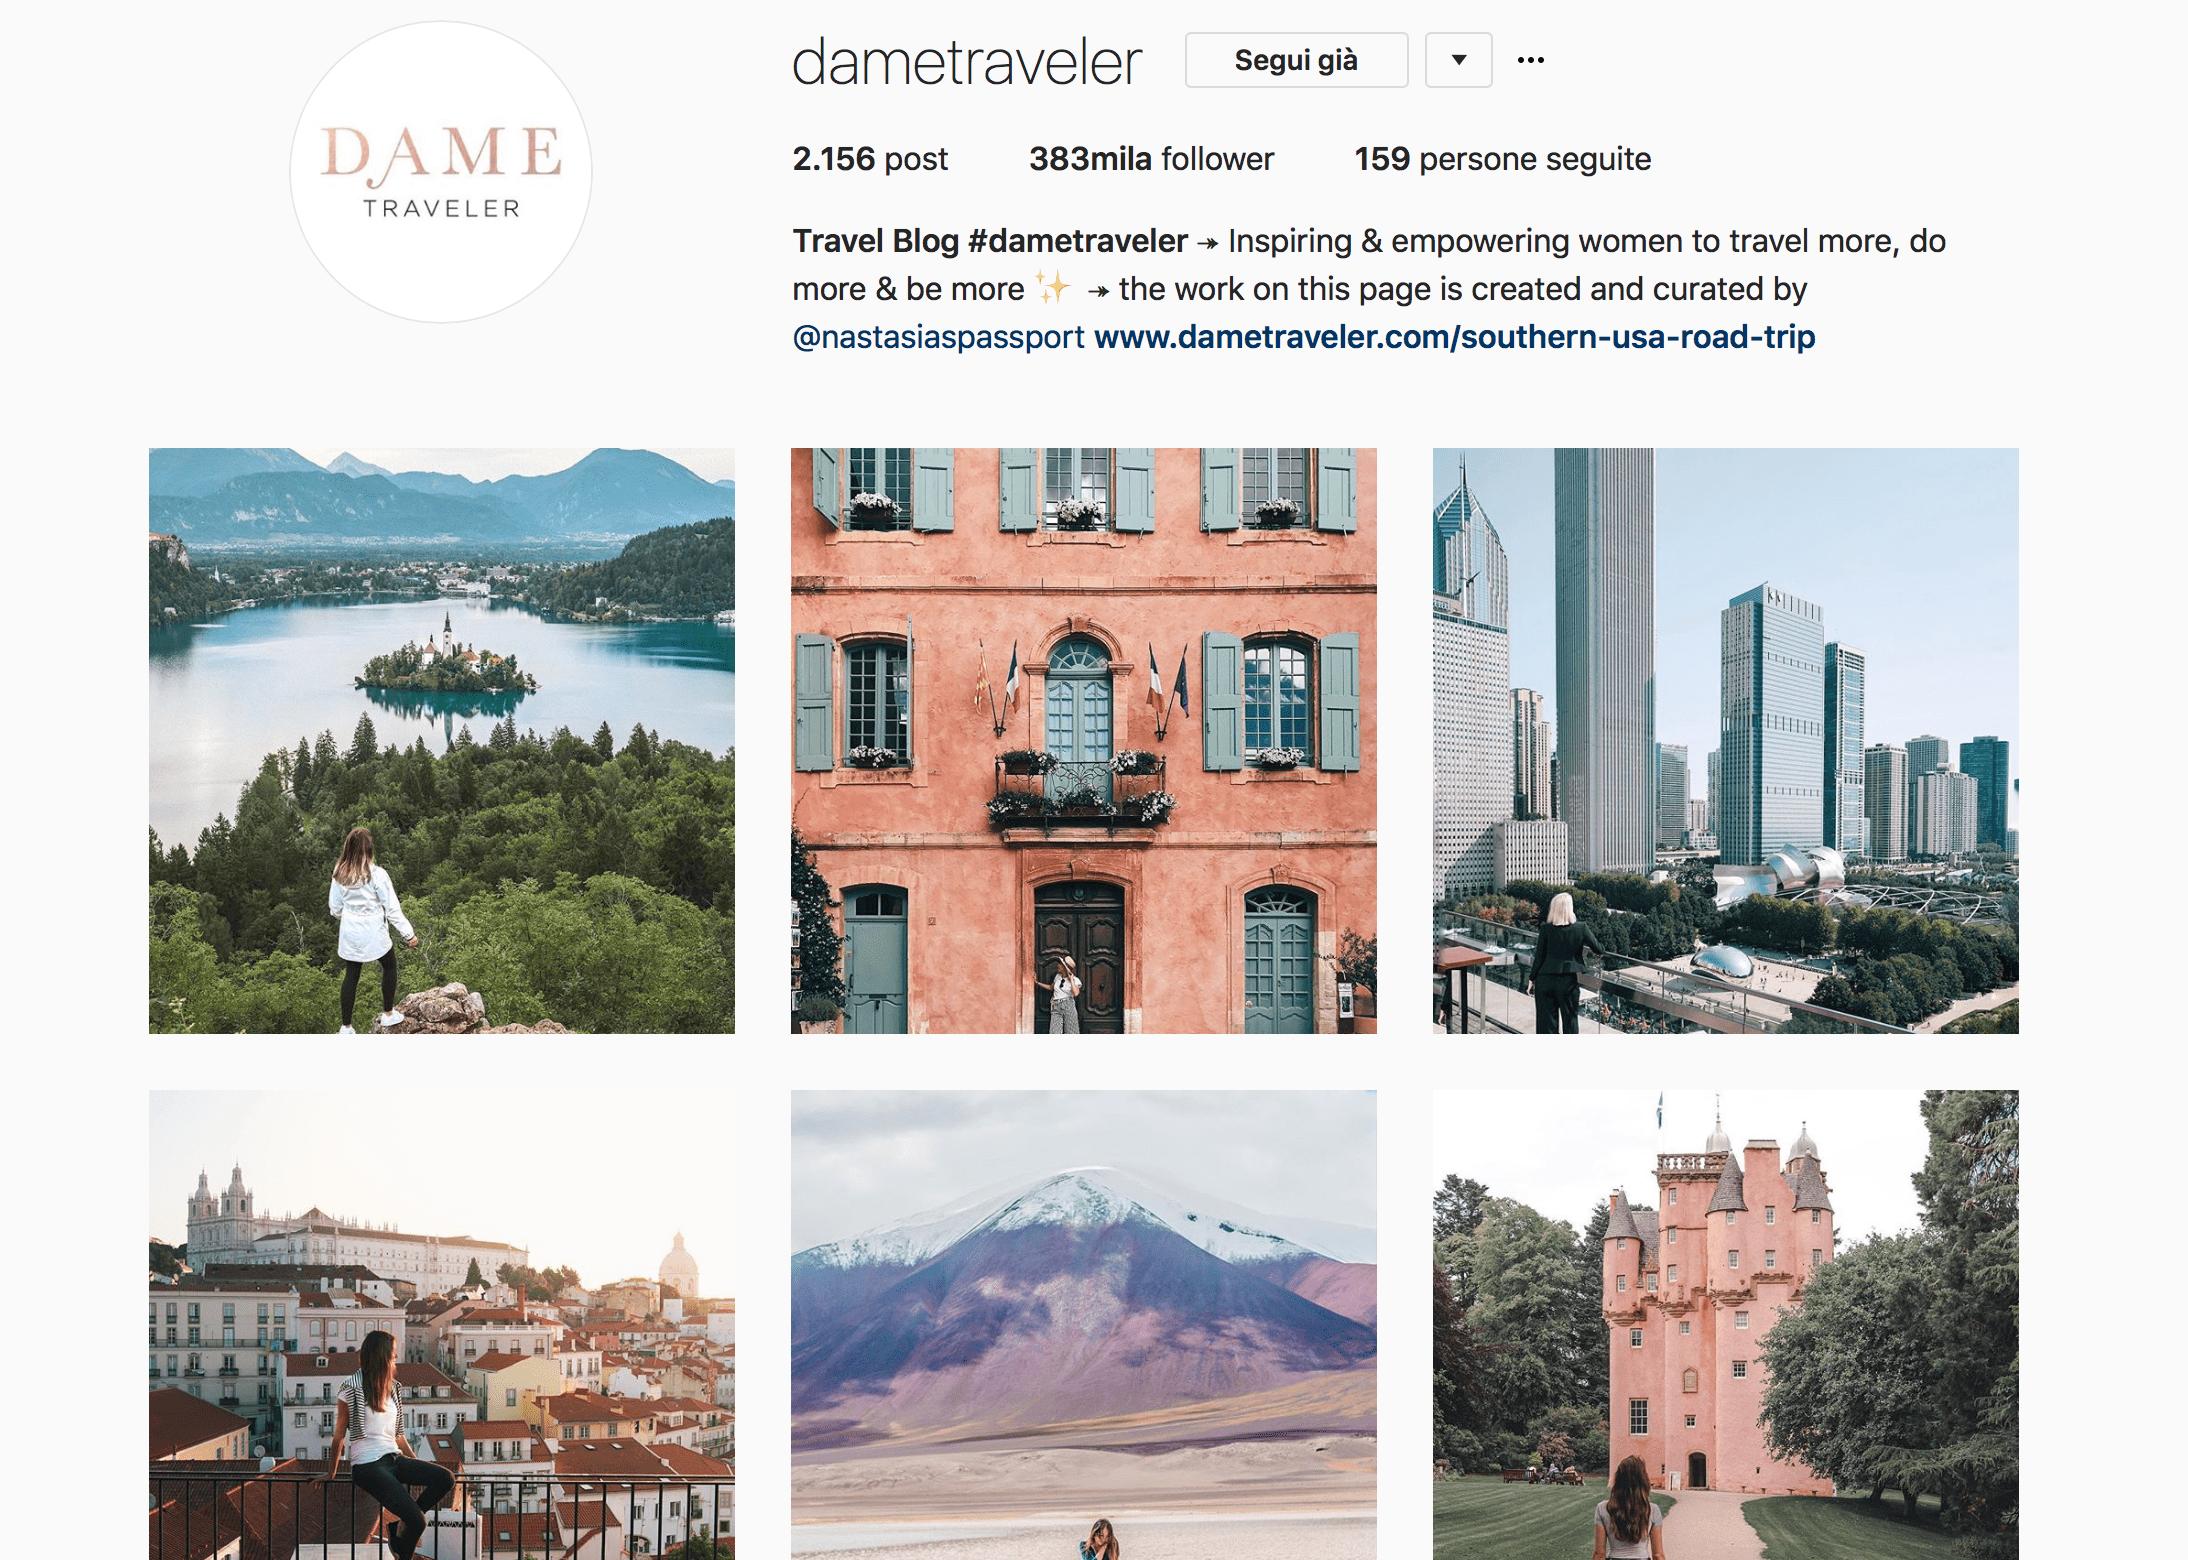 profili da seguire su Instagram